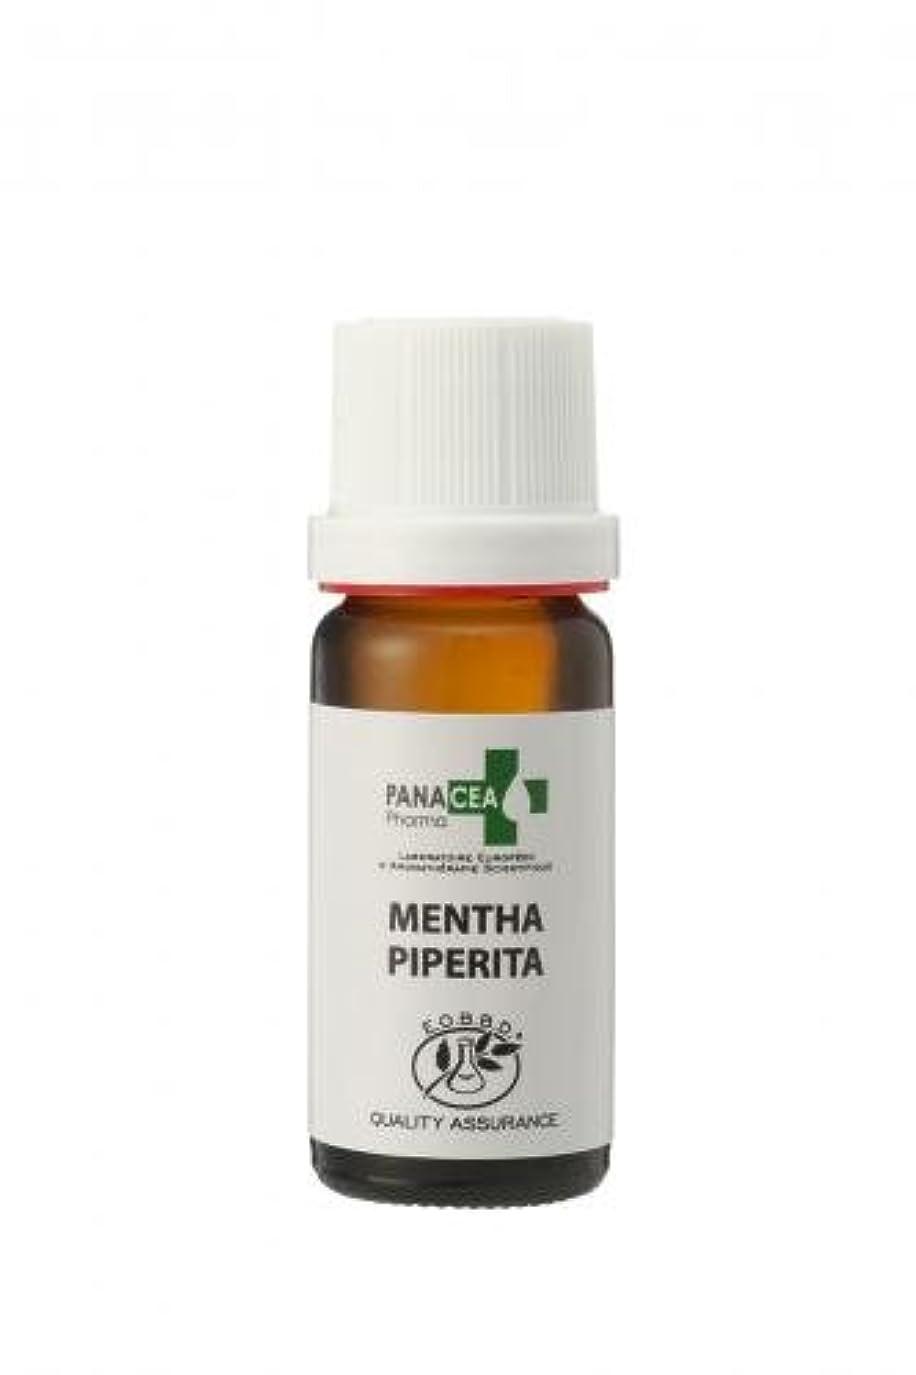 廊下オープニング相関するペパーミント (Mentha piperita) 10ml エッセンシャルオイル PANACEA PHARMA パナセア ファルマ